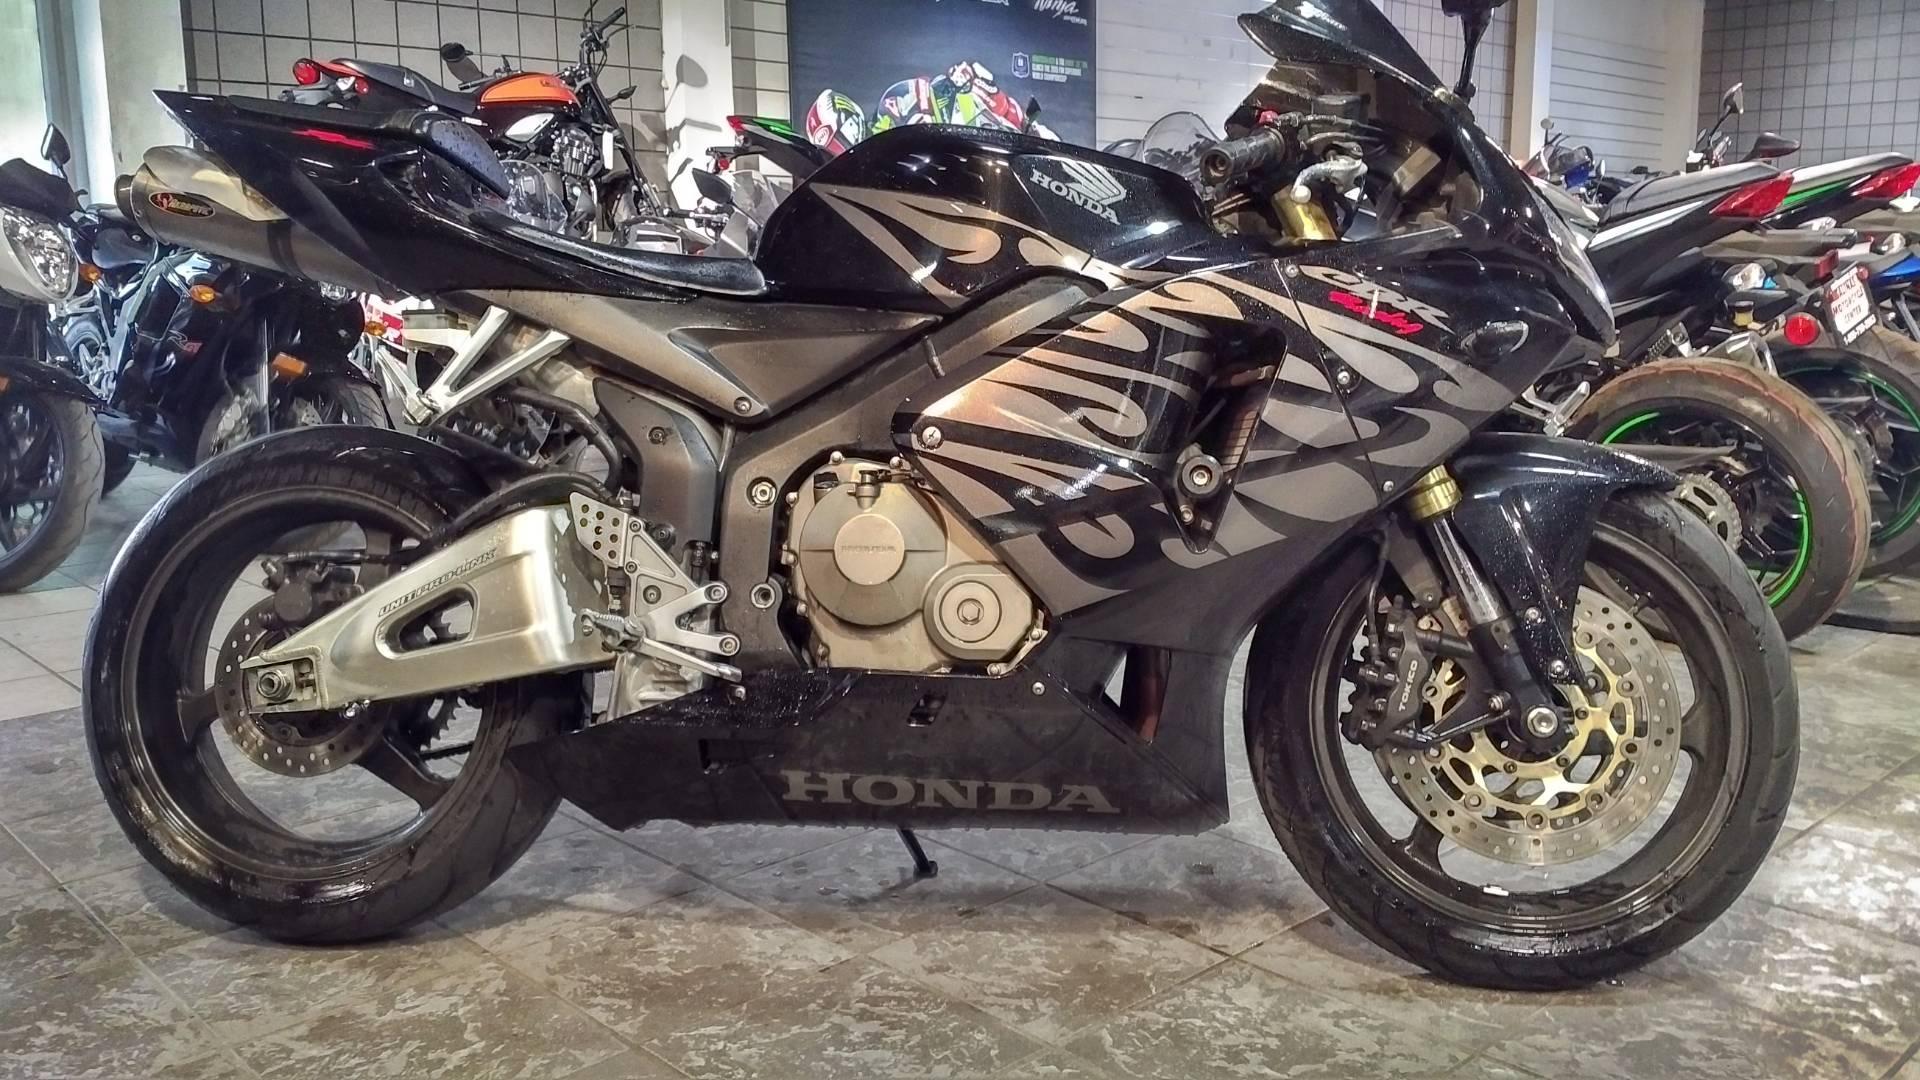 2005 Honda CBR600RR for sale 135883